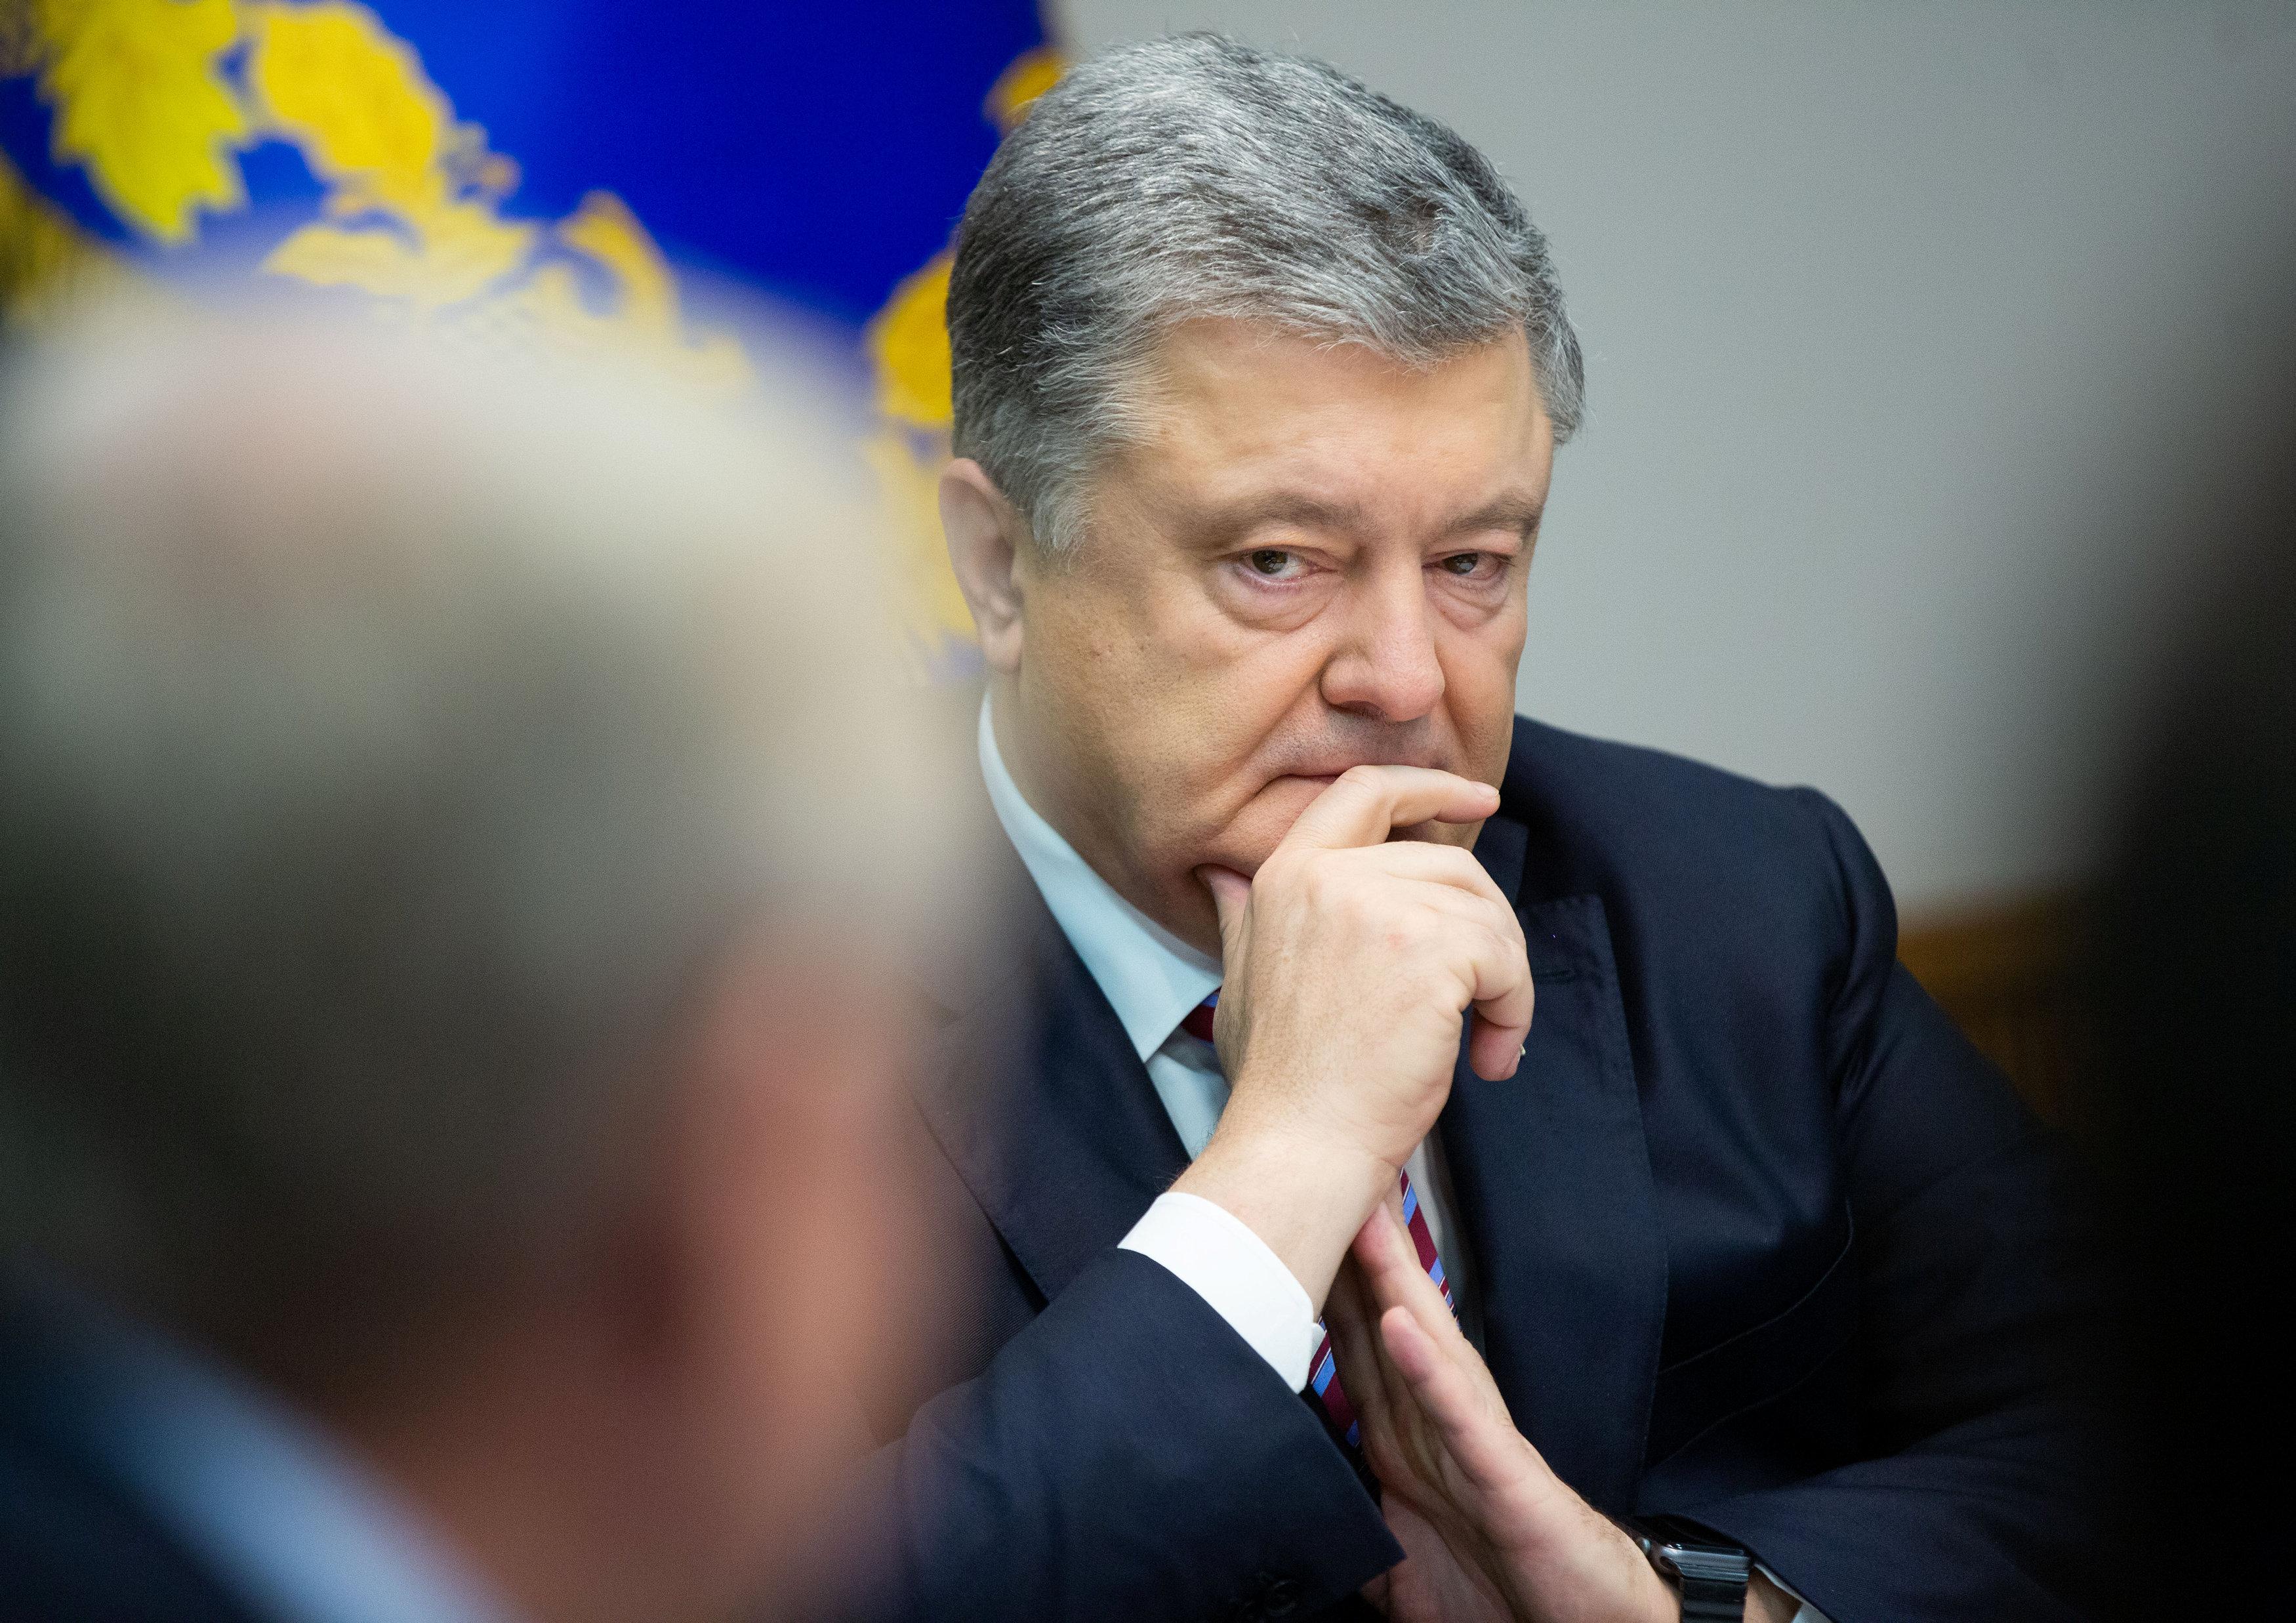 2018-11-30T085114Z_968469822_RC132B0ADE70_RTRMADP_3_UKRAINE-CRISIS-RUSSIA